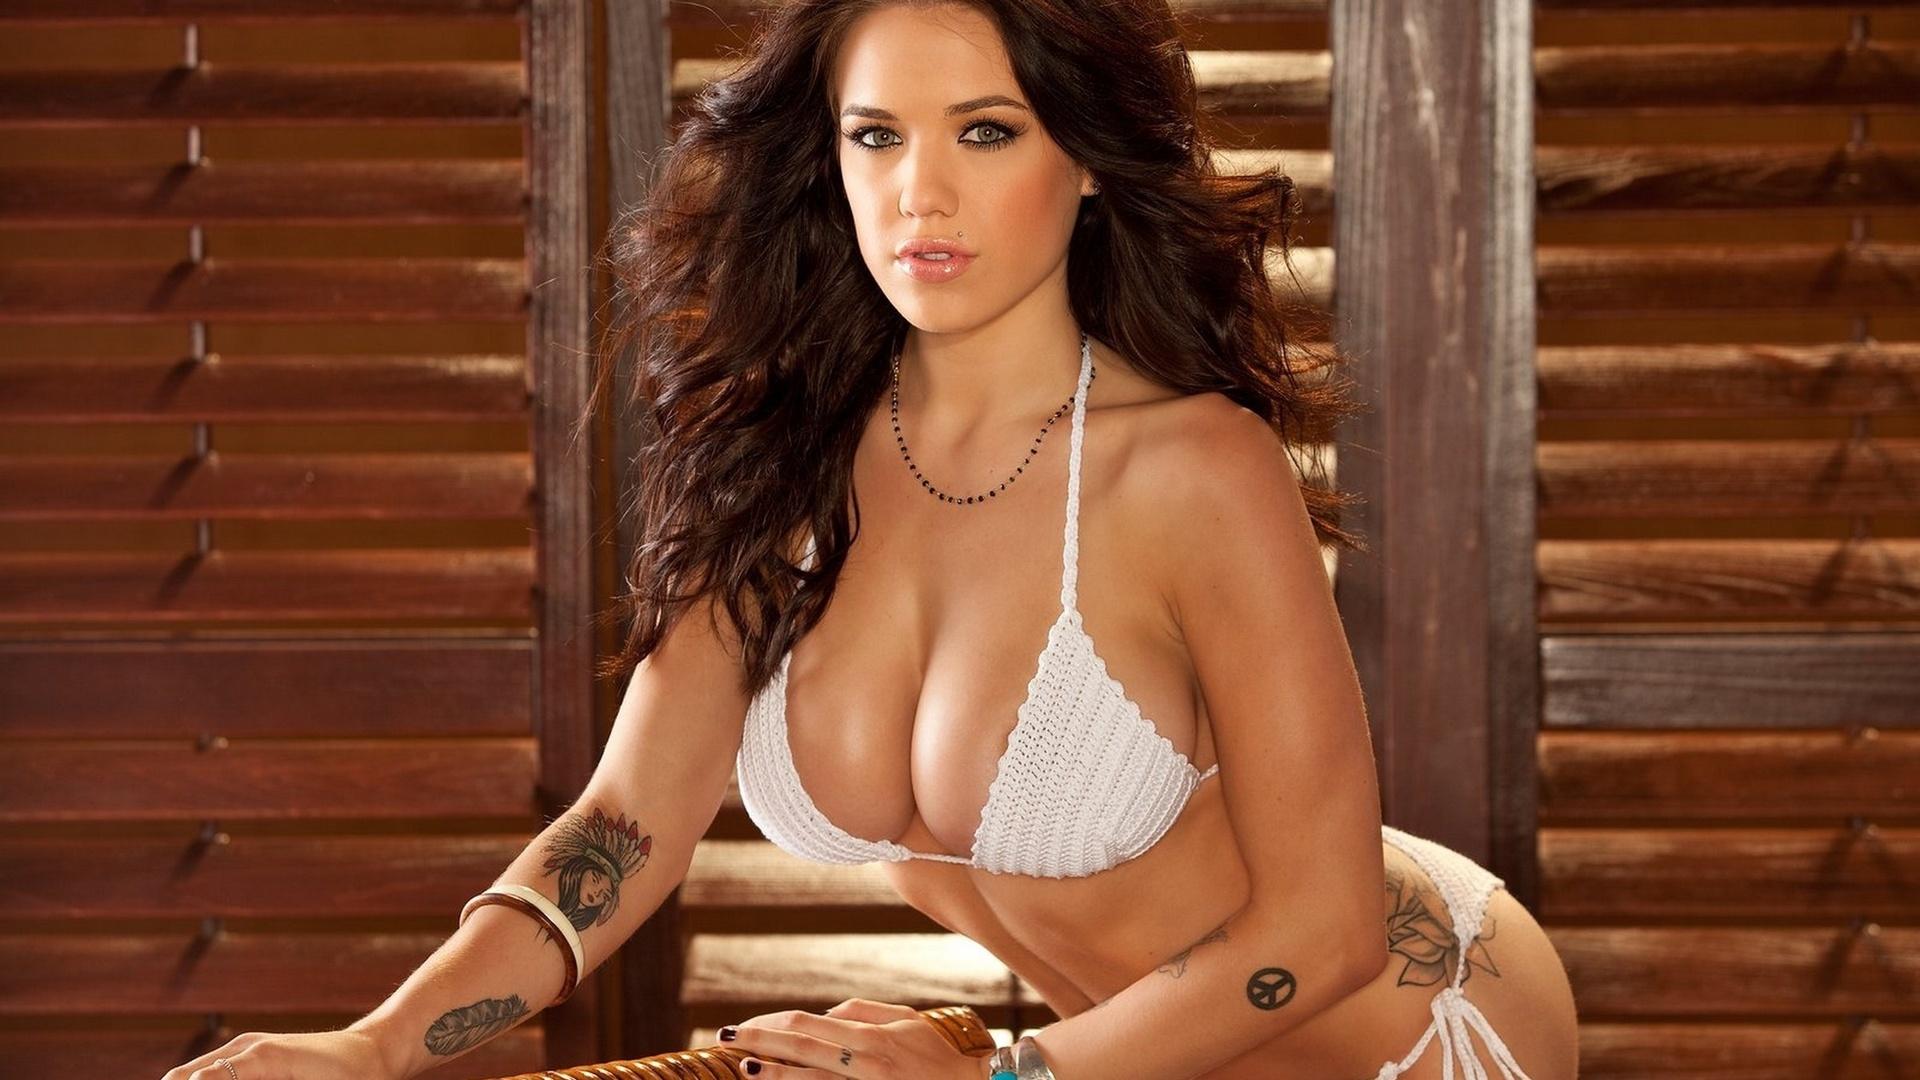 Самые сексуальные женщины в теле, Голые зрелые женщины - фото голых зрелых 27 фотография